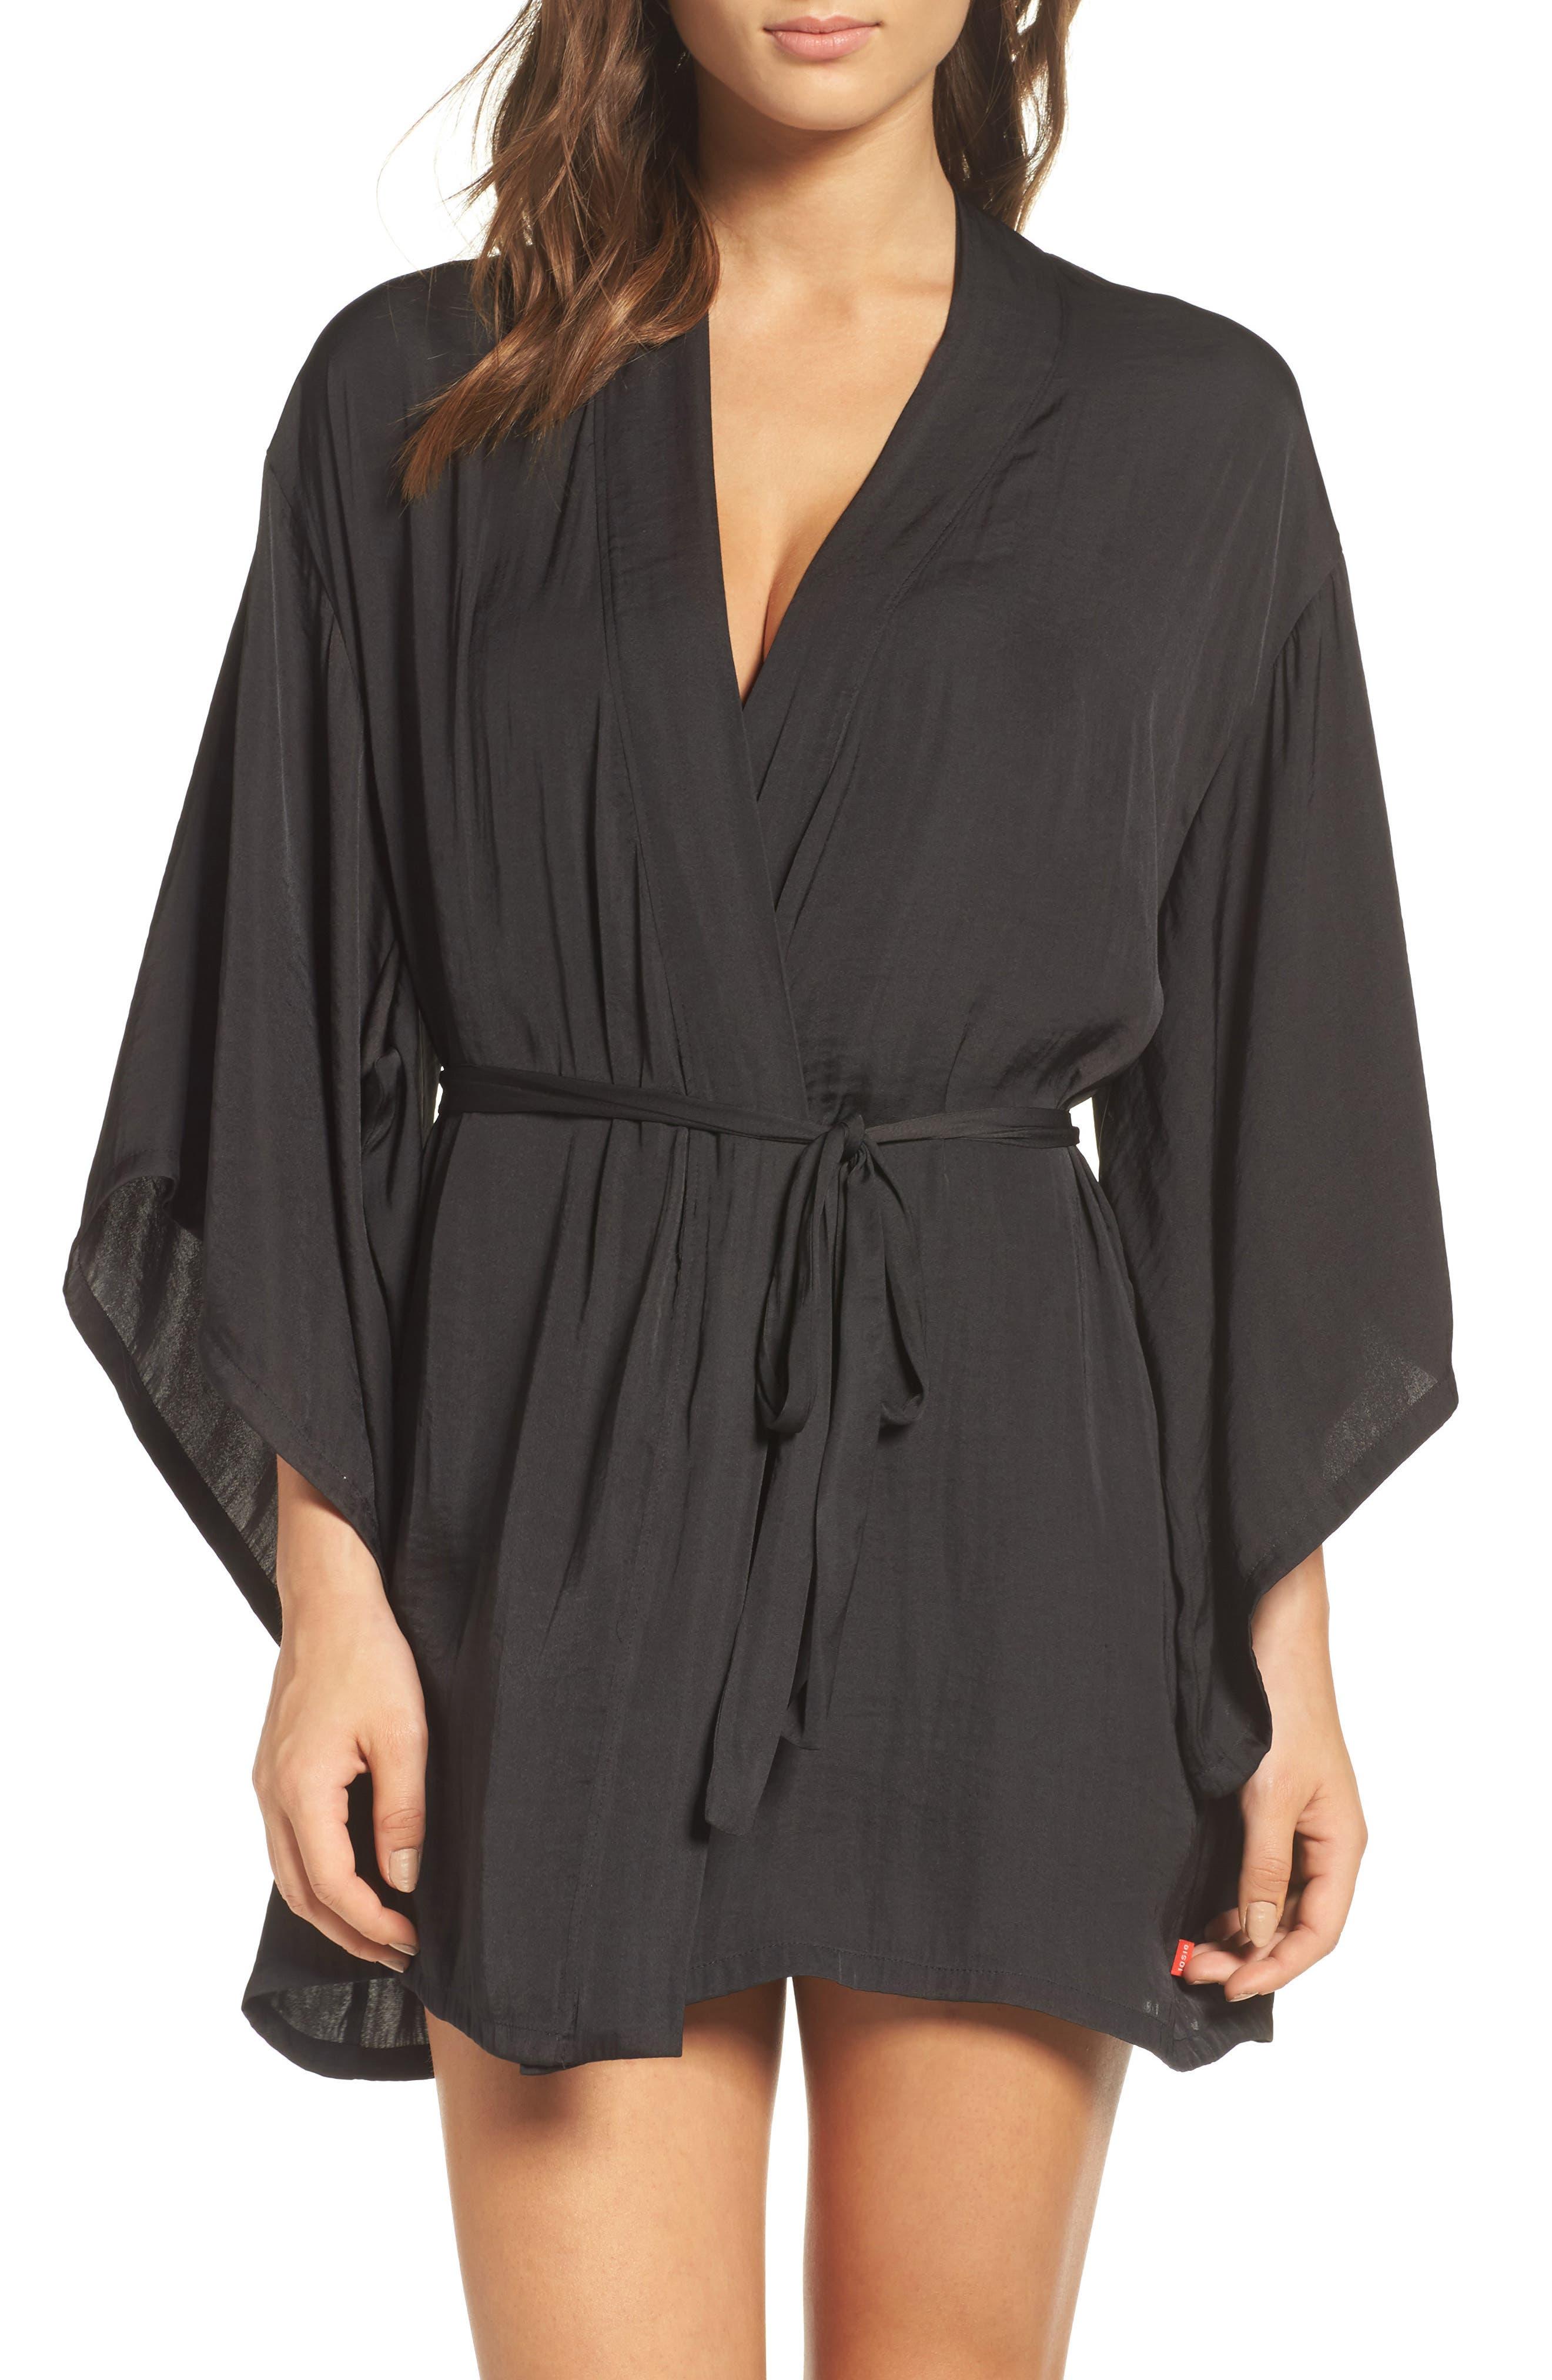 Colette Wrap,                         Main,                         color, Black